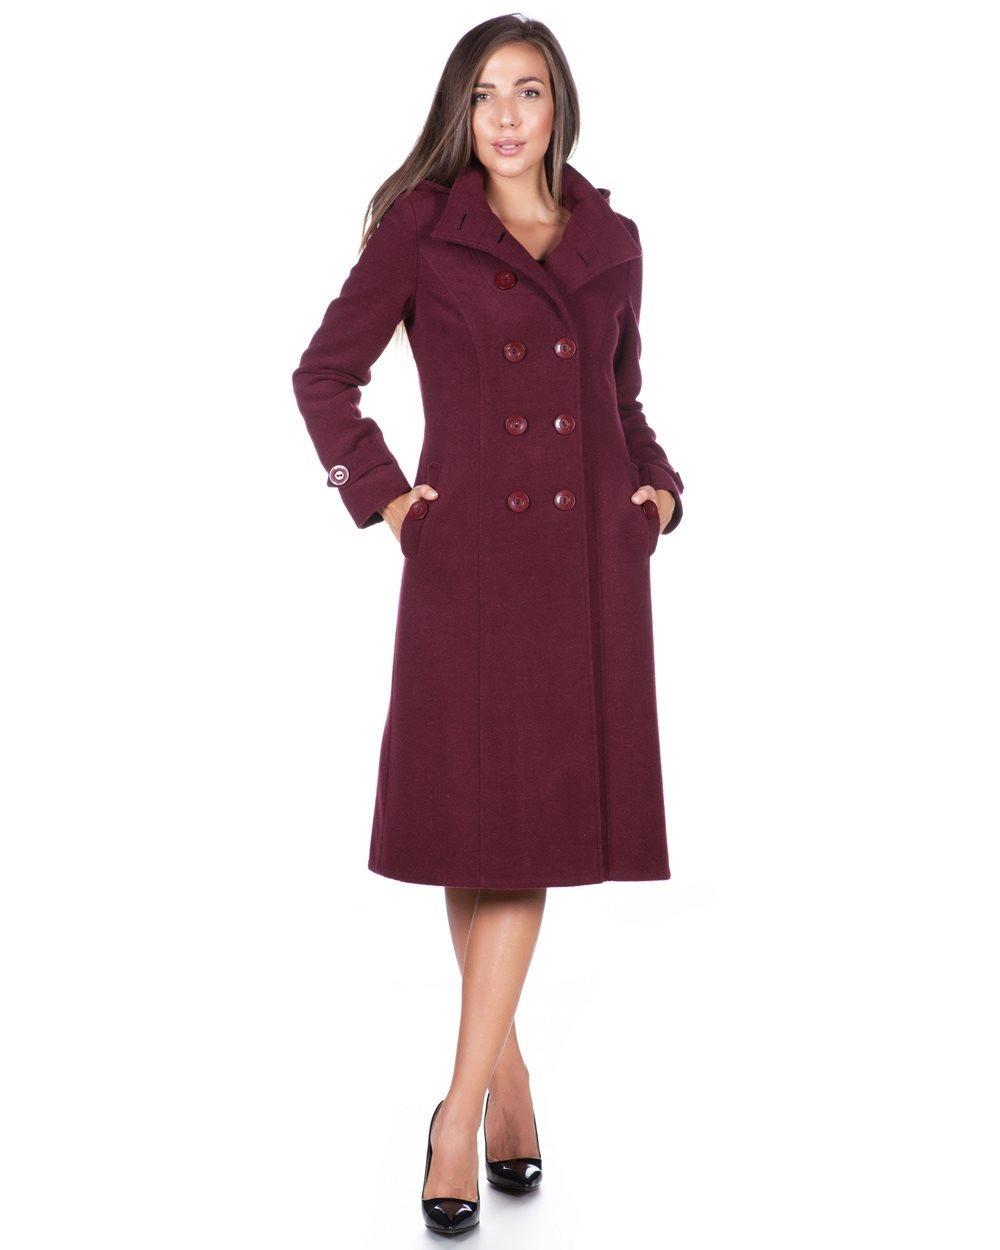 fa7f220ffcf Дълго дамско палто в цвят марсала от Ефреа, и още палто цвят бордо, ...